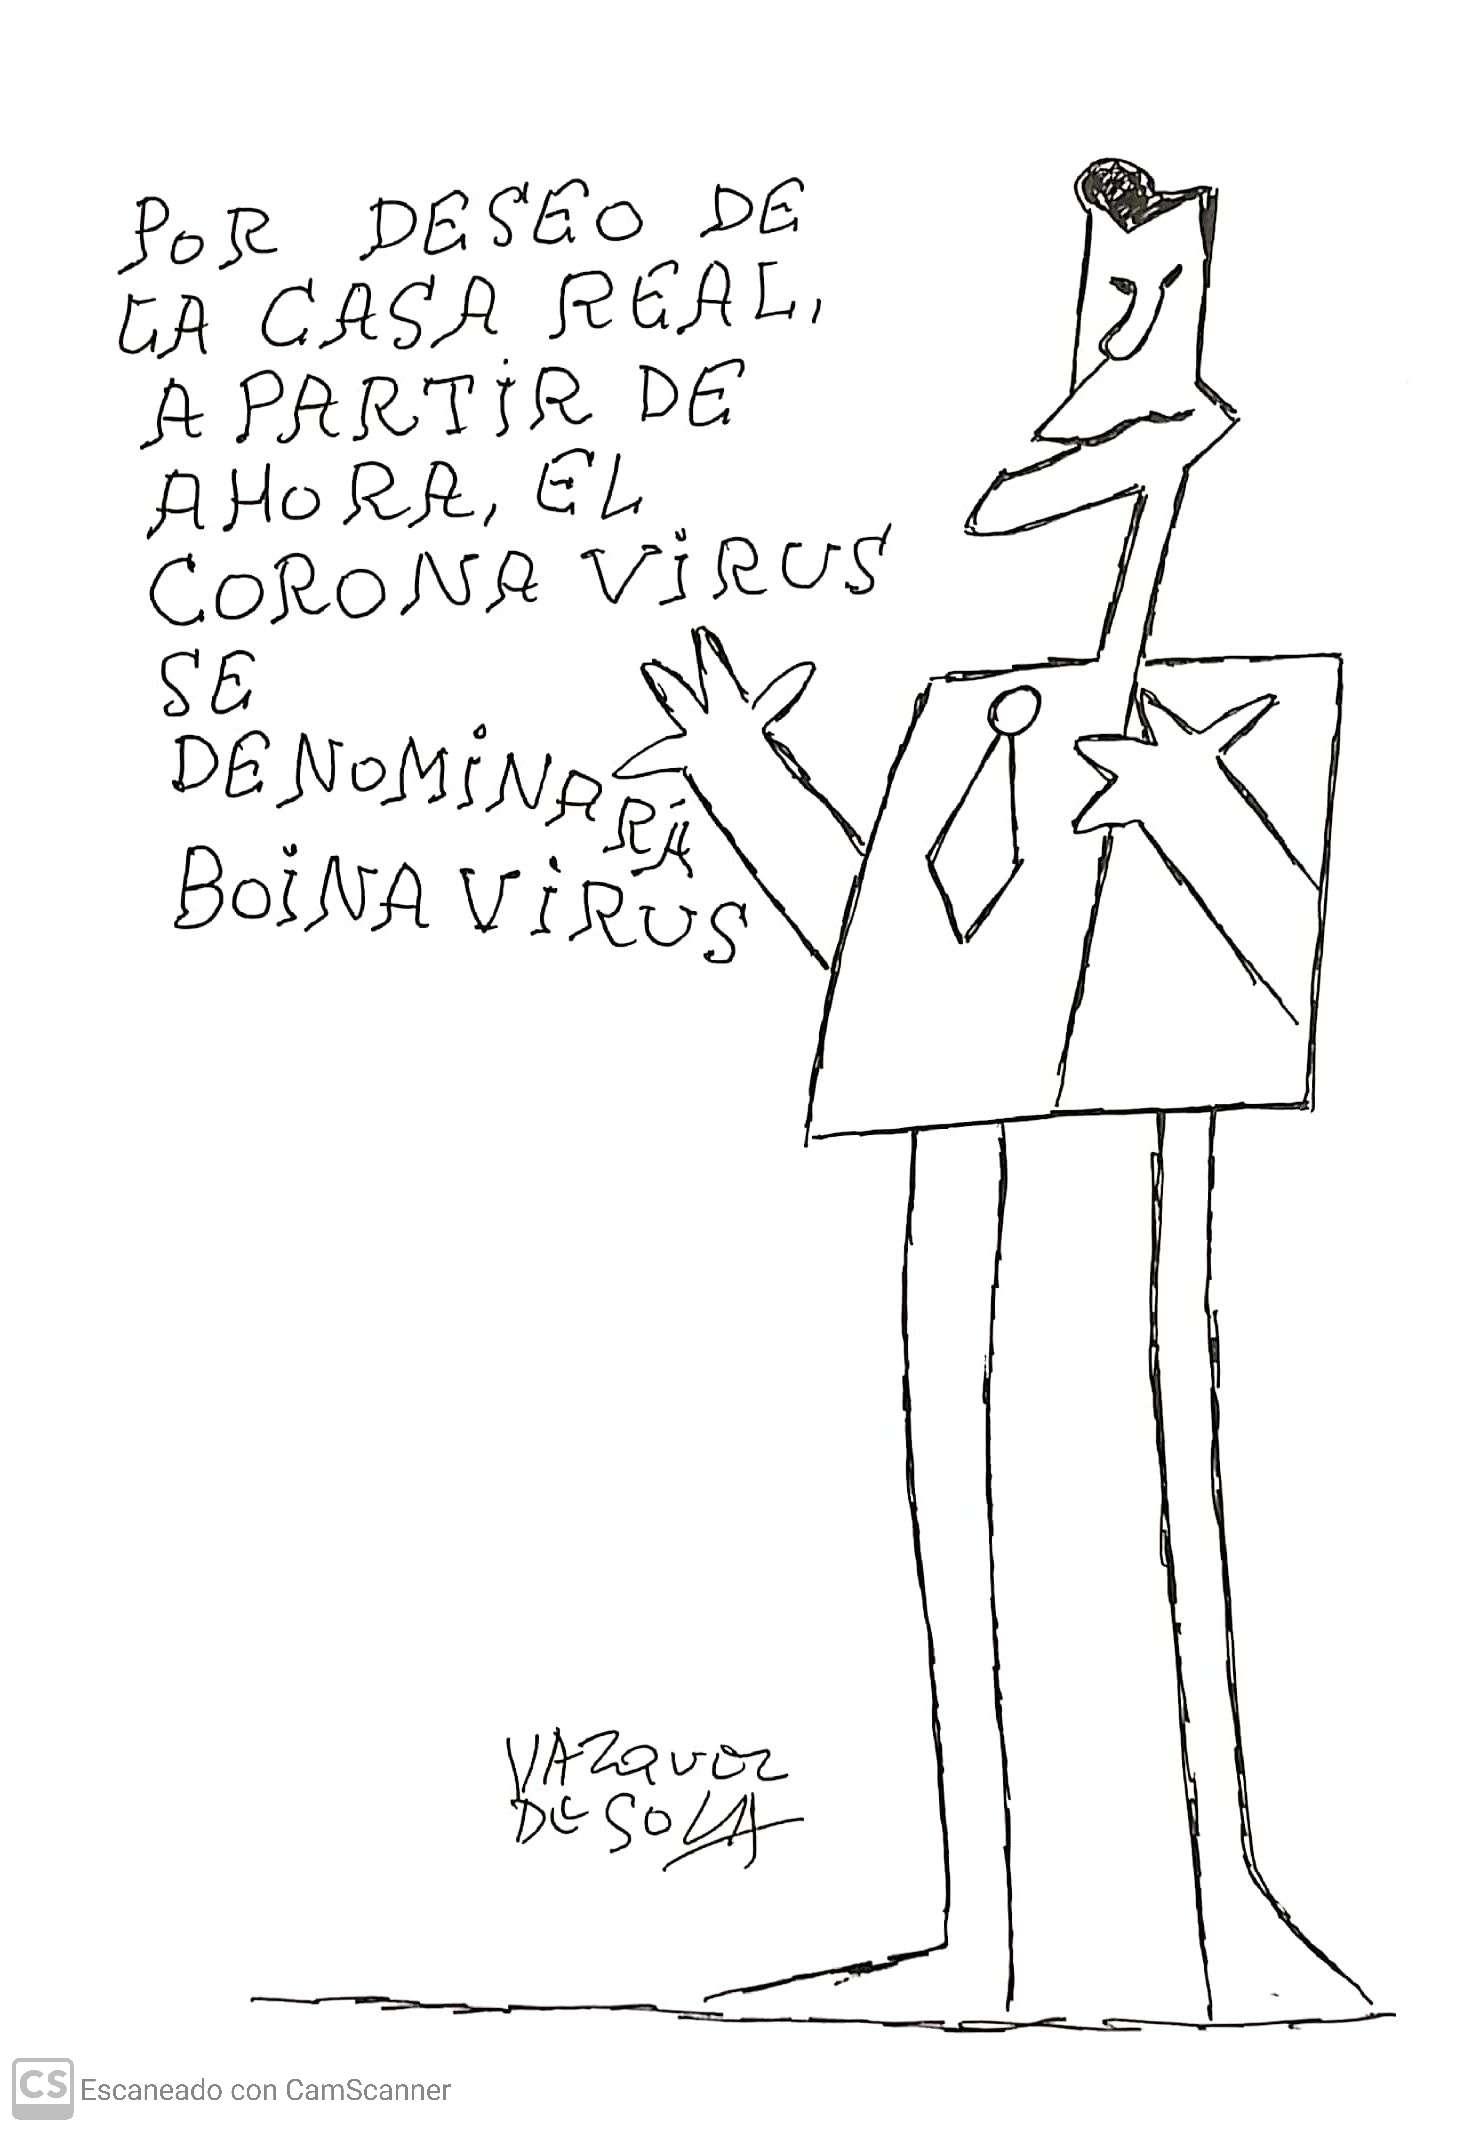 Andrés Vázquez de Sola: Humorista